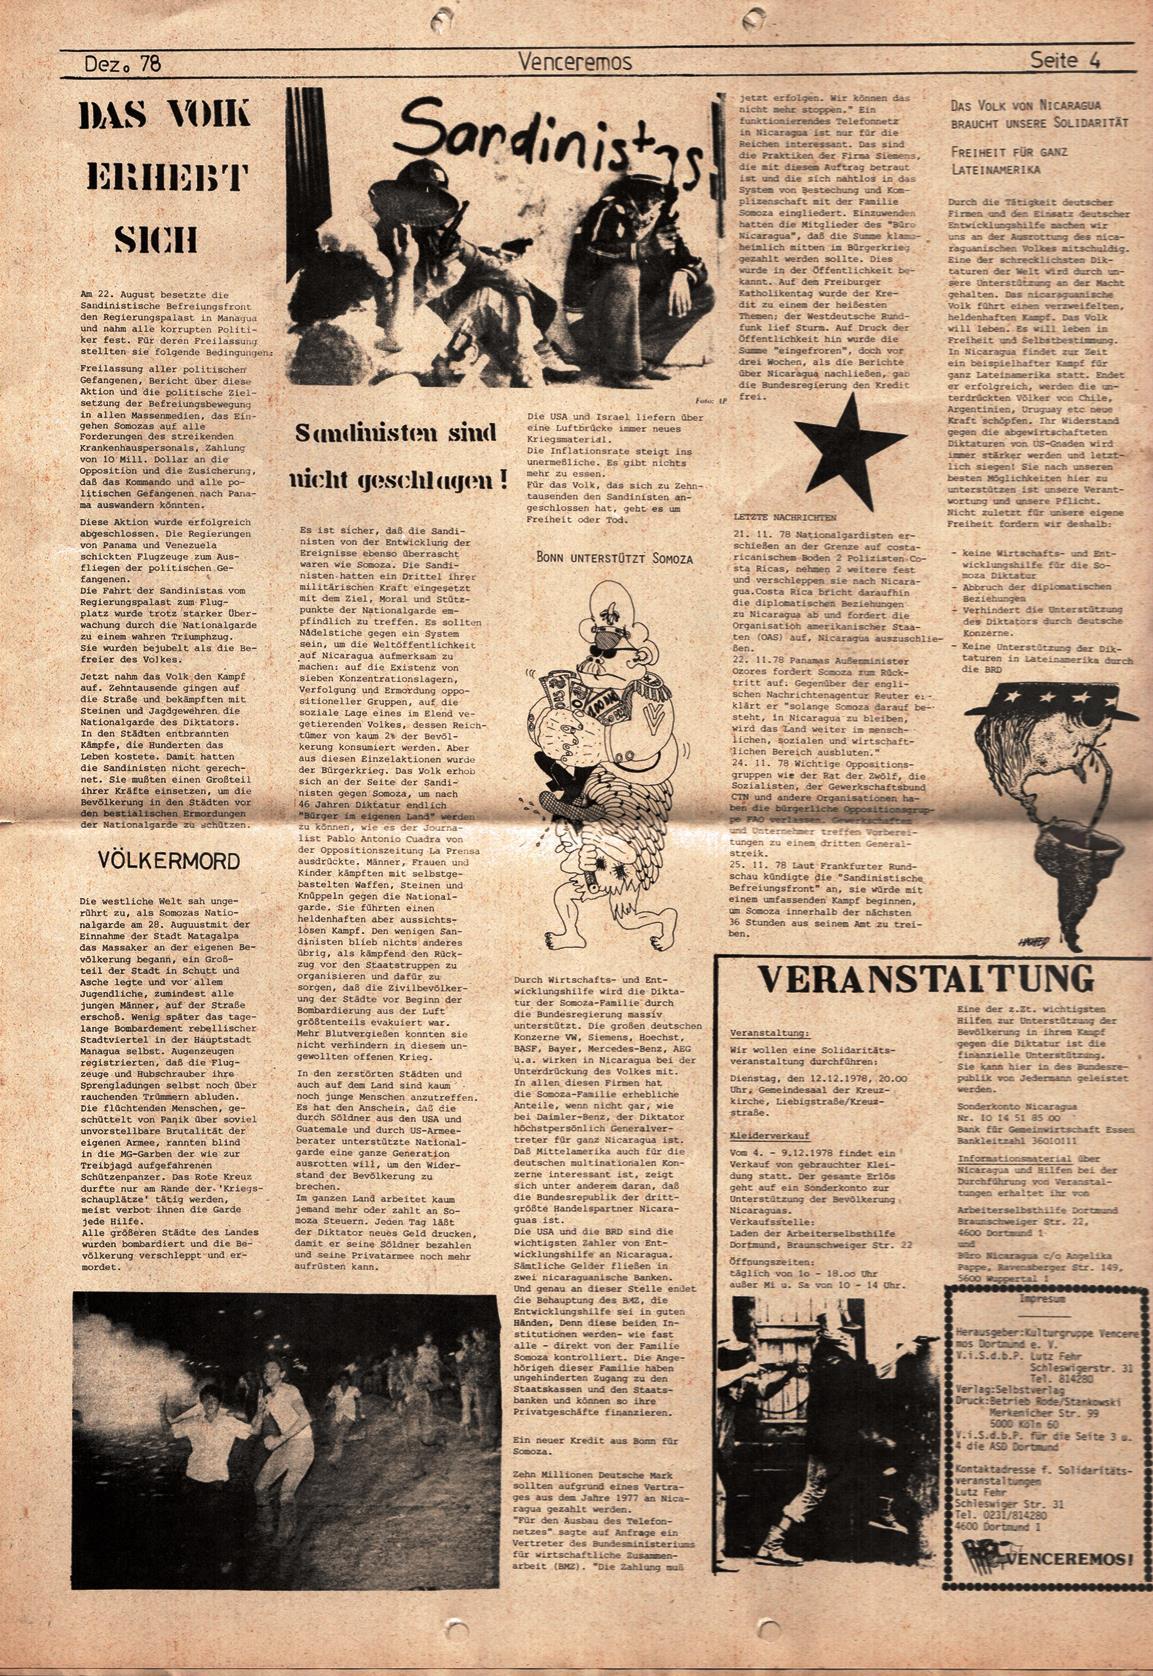 Dortmund_Venceremos_1978_00_004